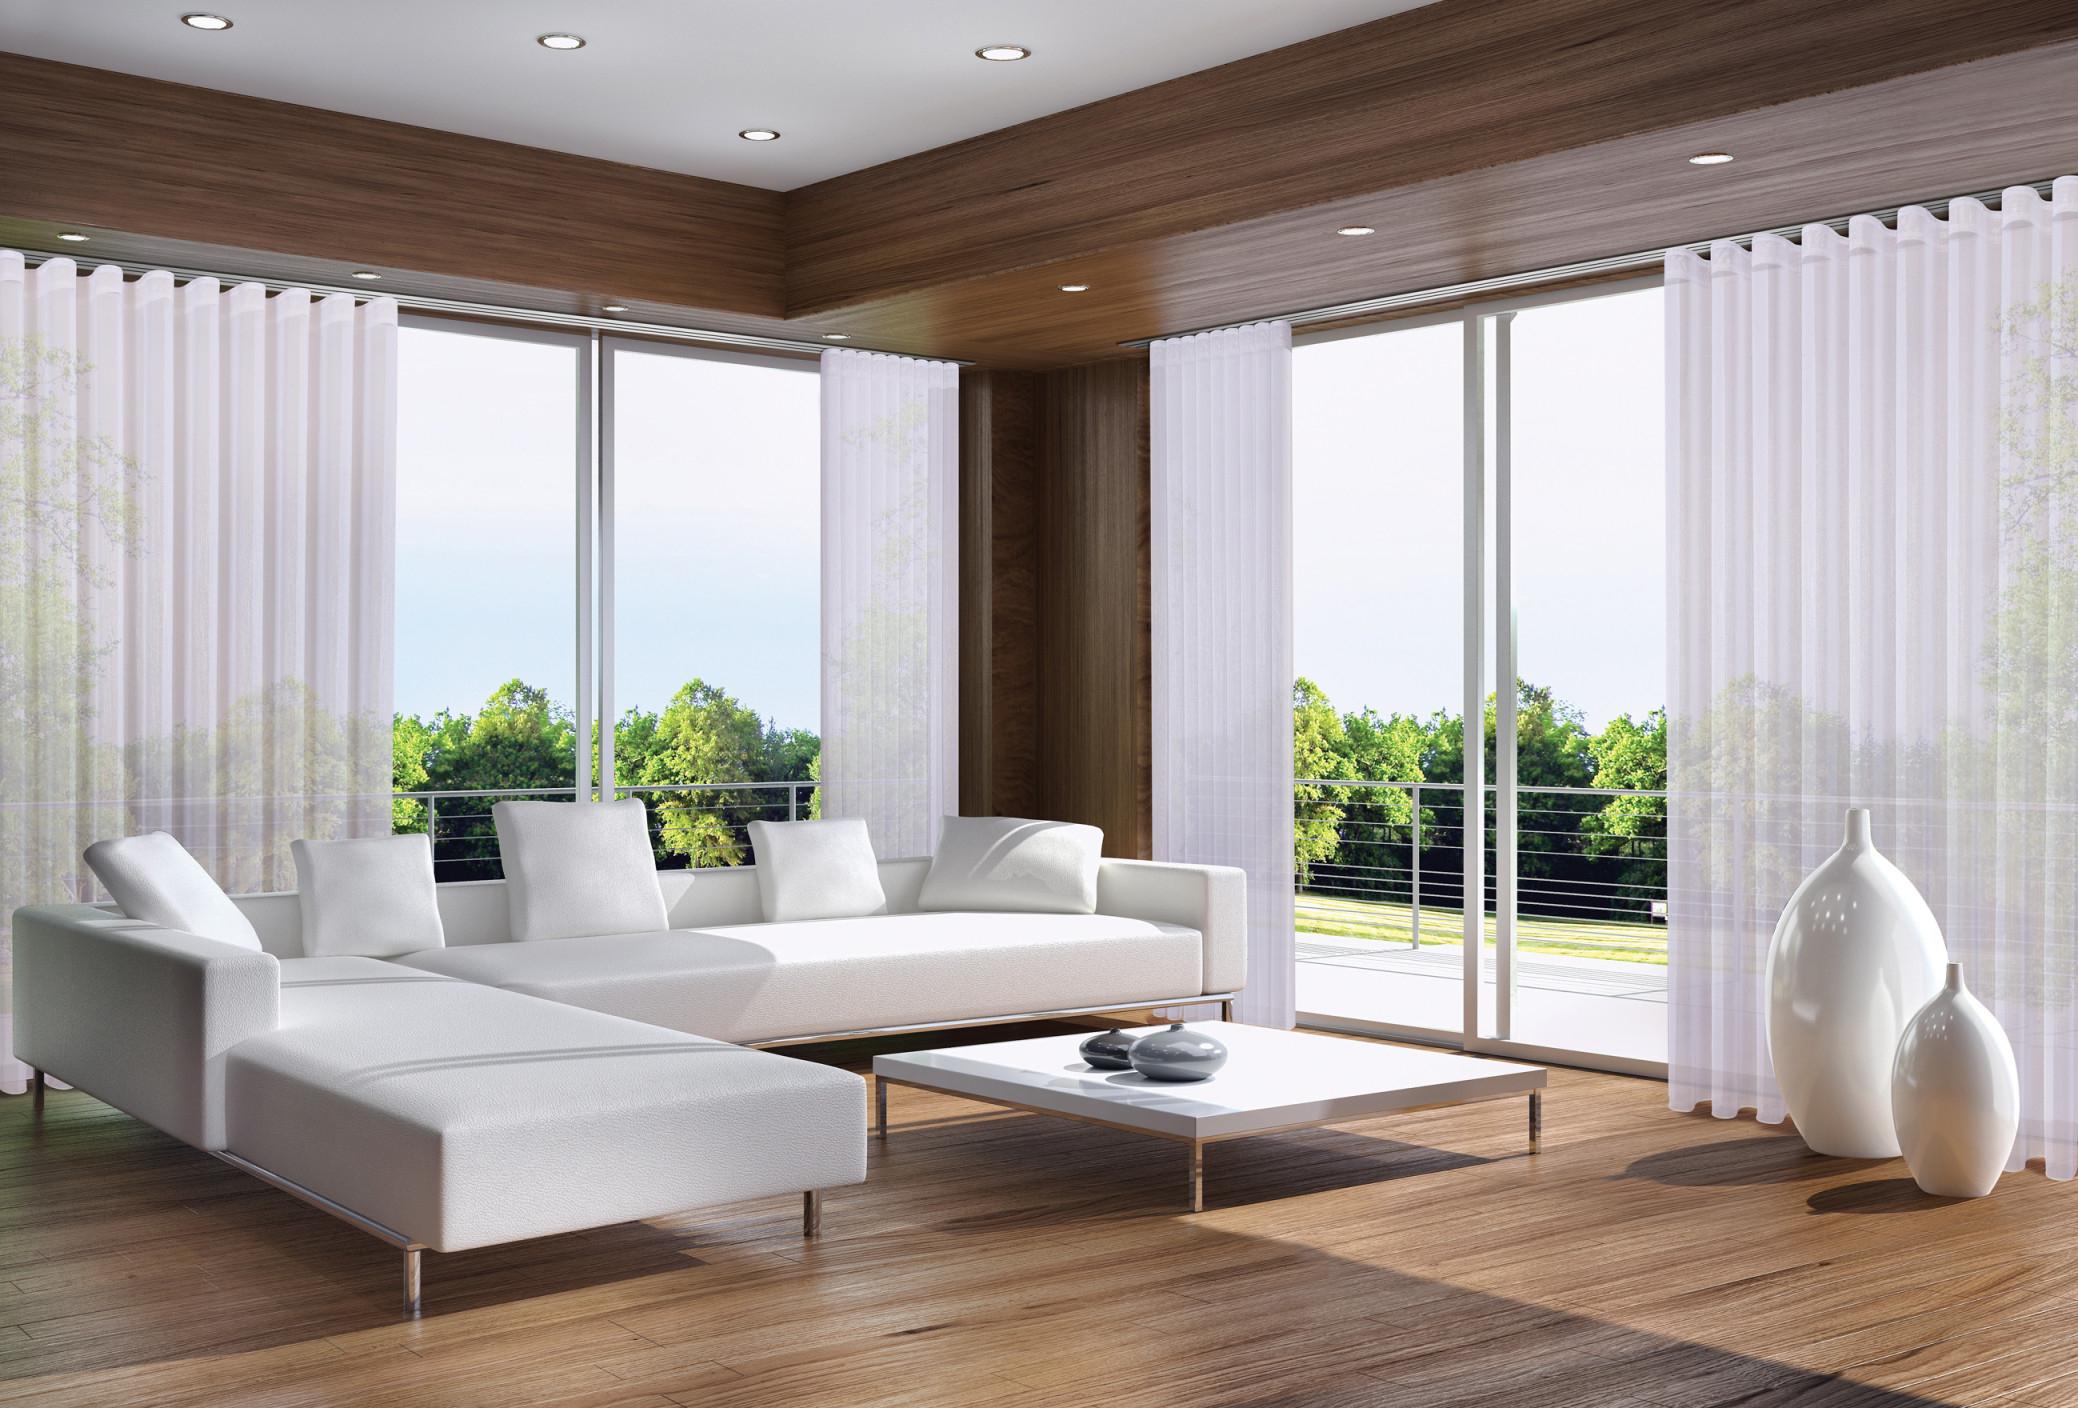 Gardinen Für Große Fensterfronten  Tipps Für Die Auswahl von Gardinen Für Wohnzimmer Große Fenster Bild